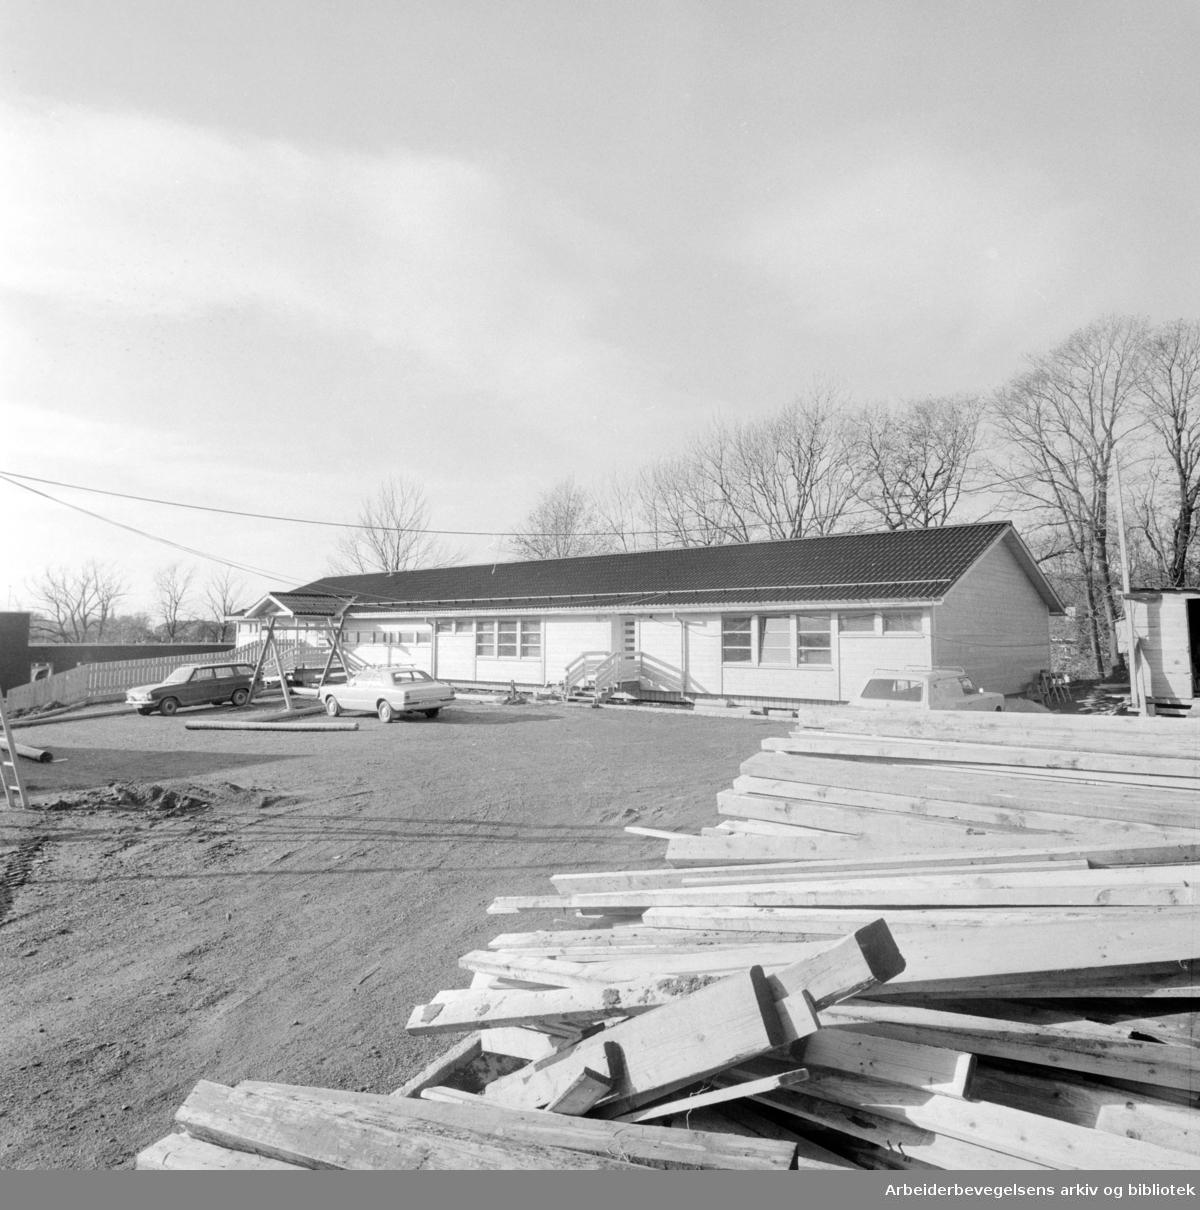 Tåsen daghjem. November 1974